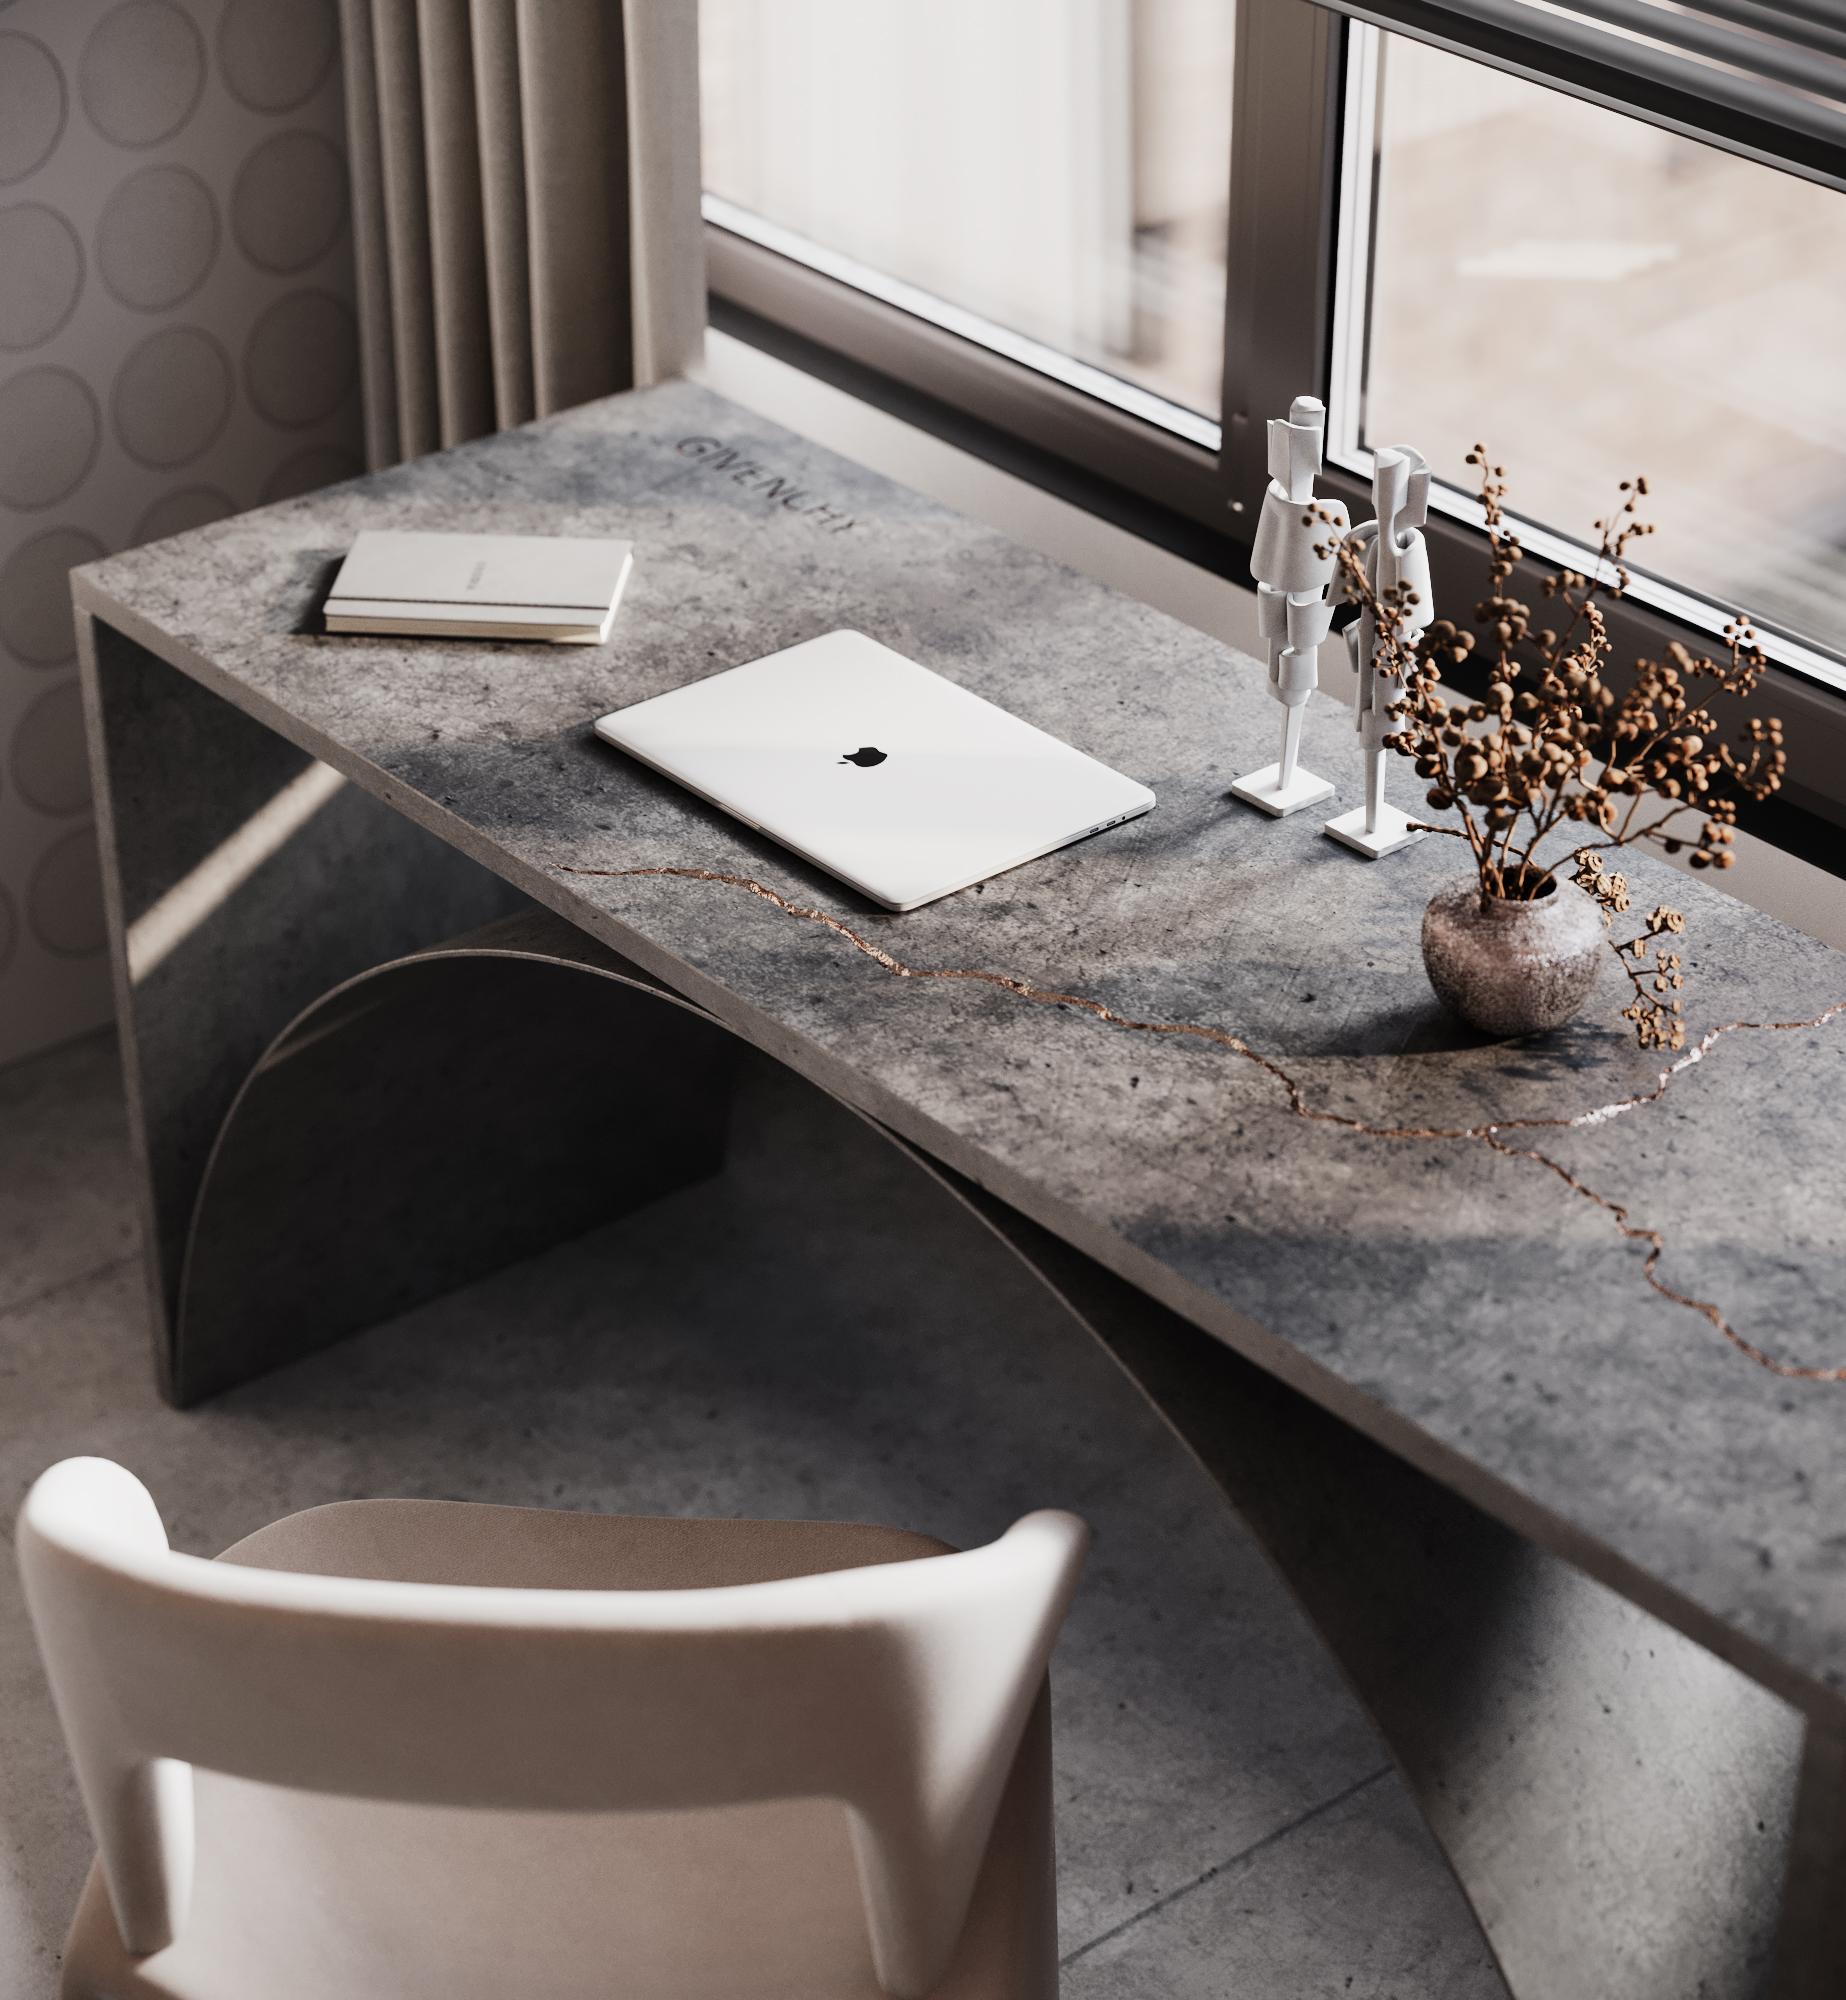 Устойчивый и креативный стол перед окном всегда будет настраивать на творческое решение задач